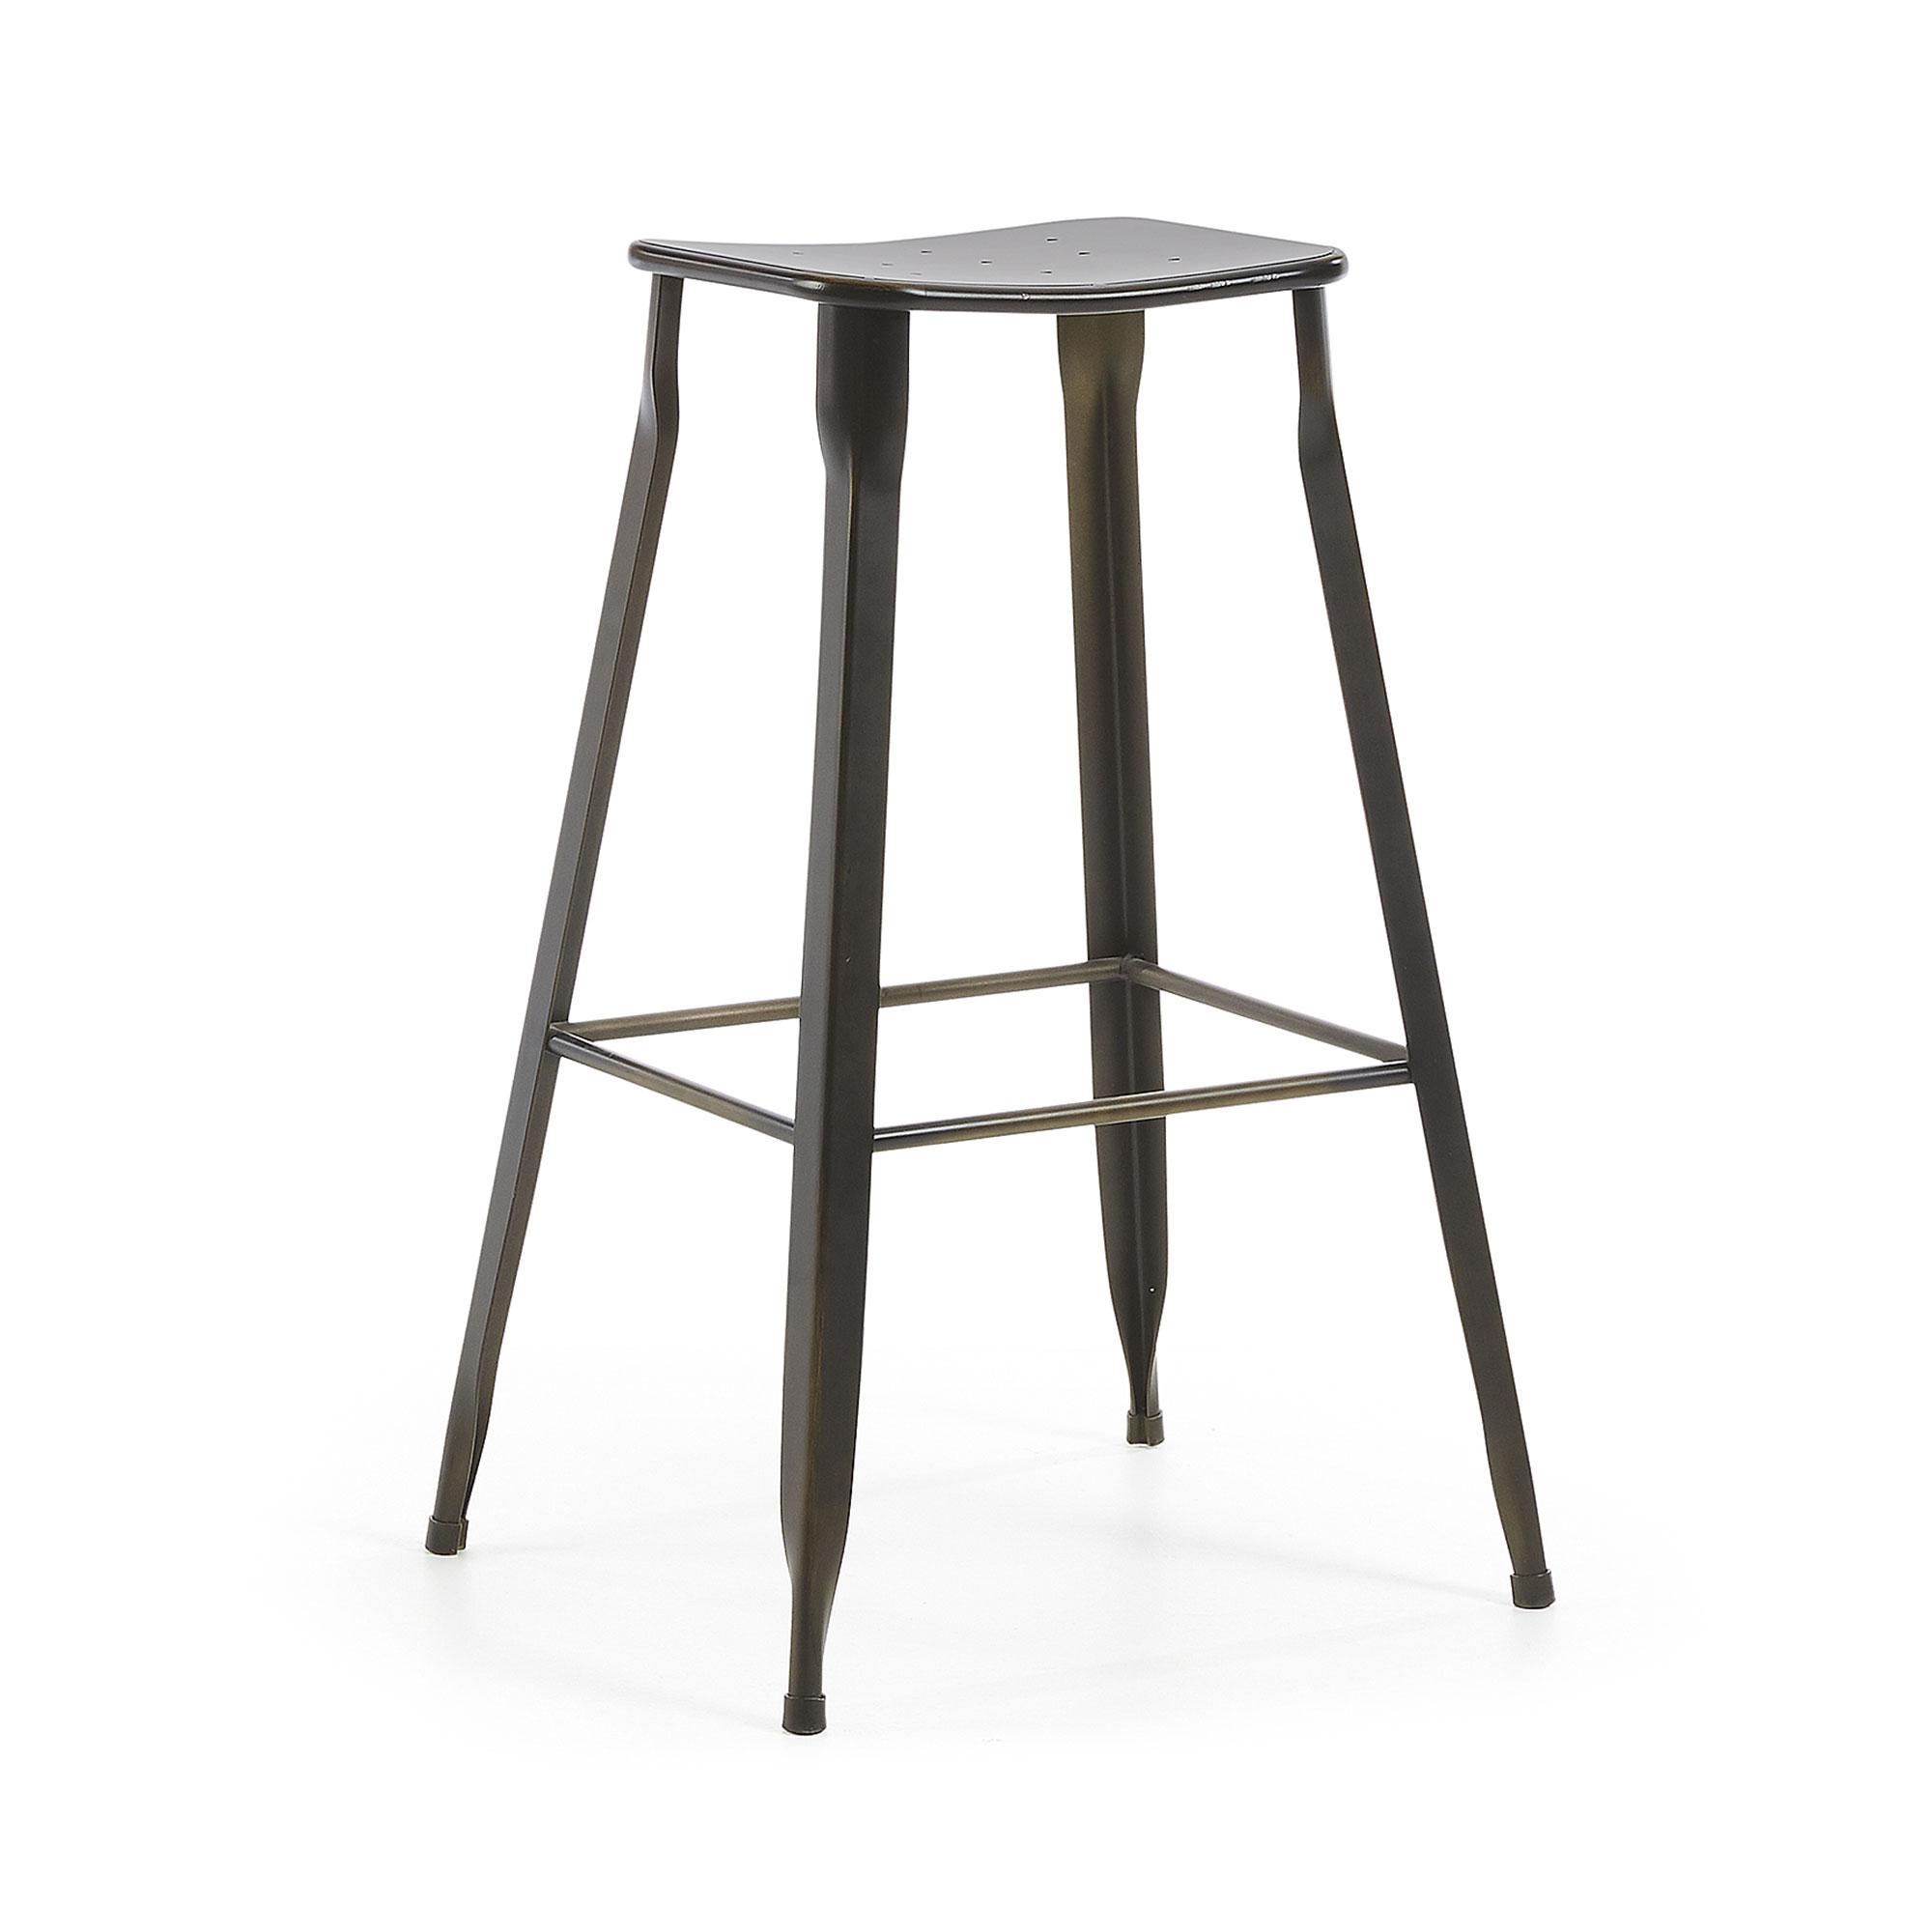 Kave Home - Gluke Barhocker, Höhe 78 cm | Küche und Esszimmer > Bar-Möbel > Barhocker | Kave Home